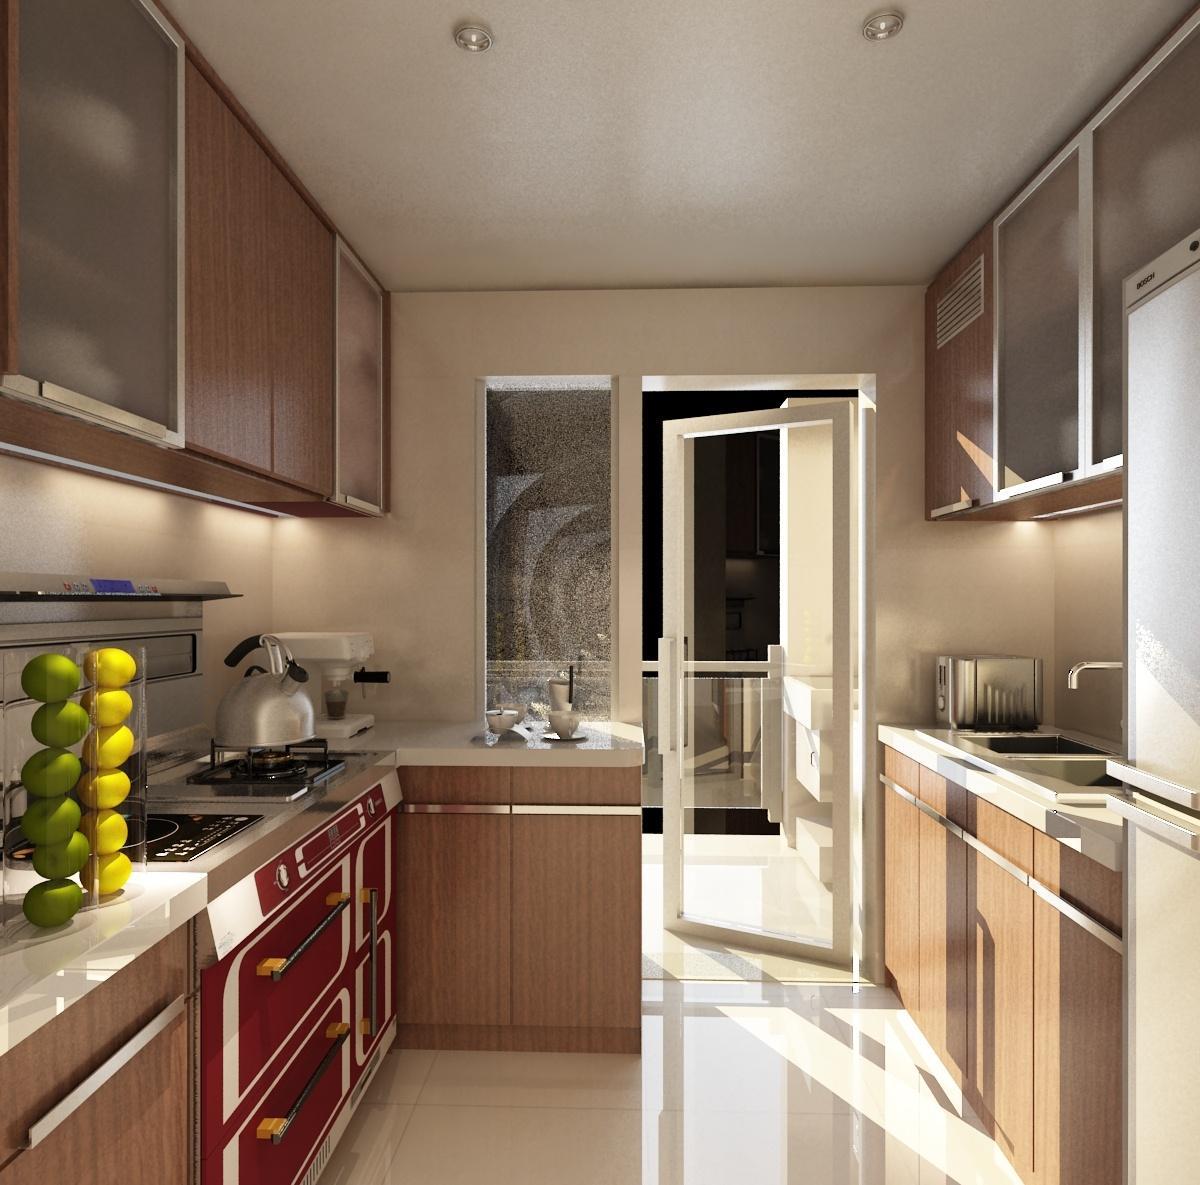 厨房和生活阳台打通好不好?